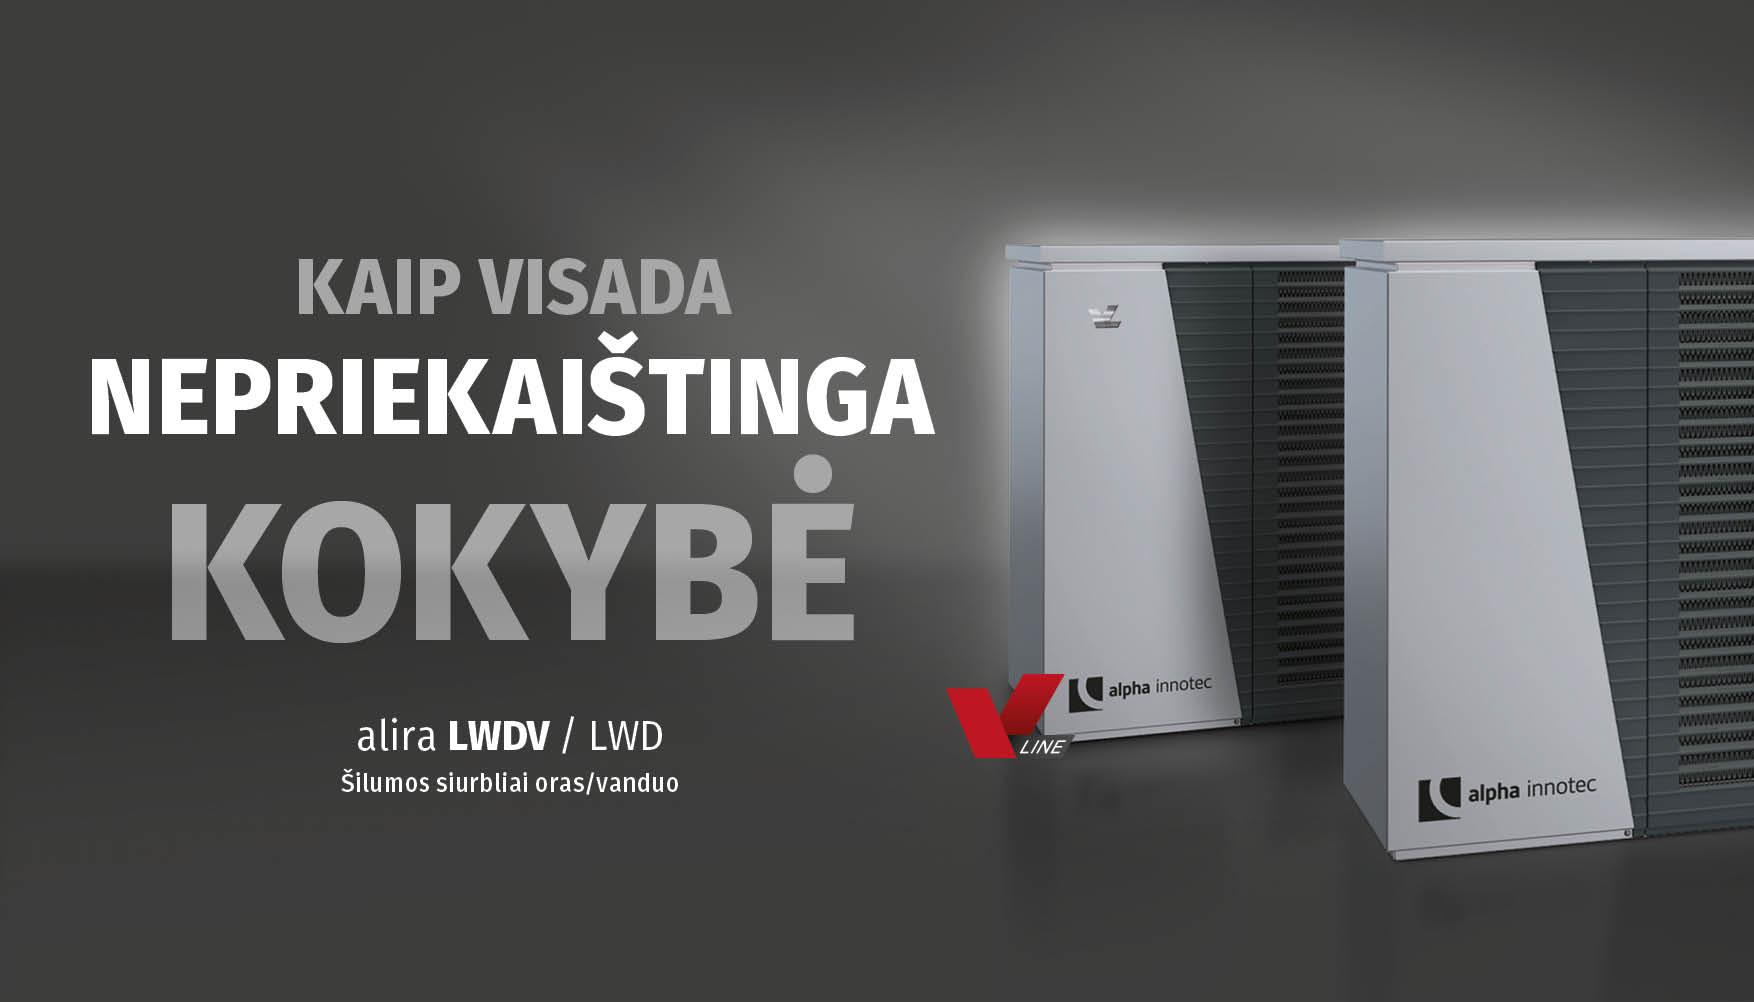 LWD-LWDV_Kampagnenmotiv_Serienmaessig-LT